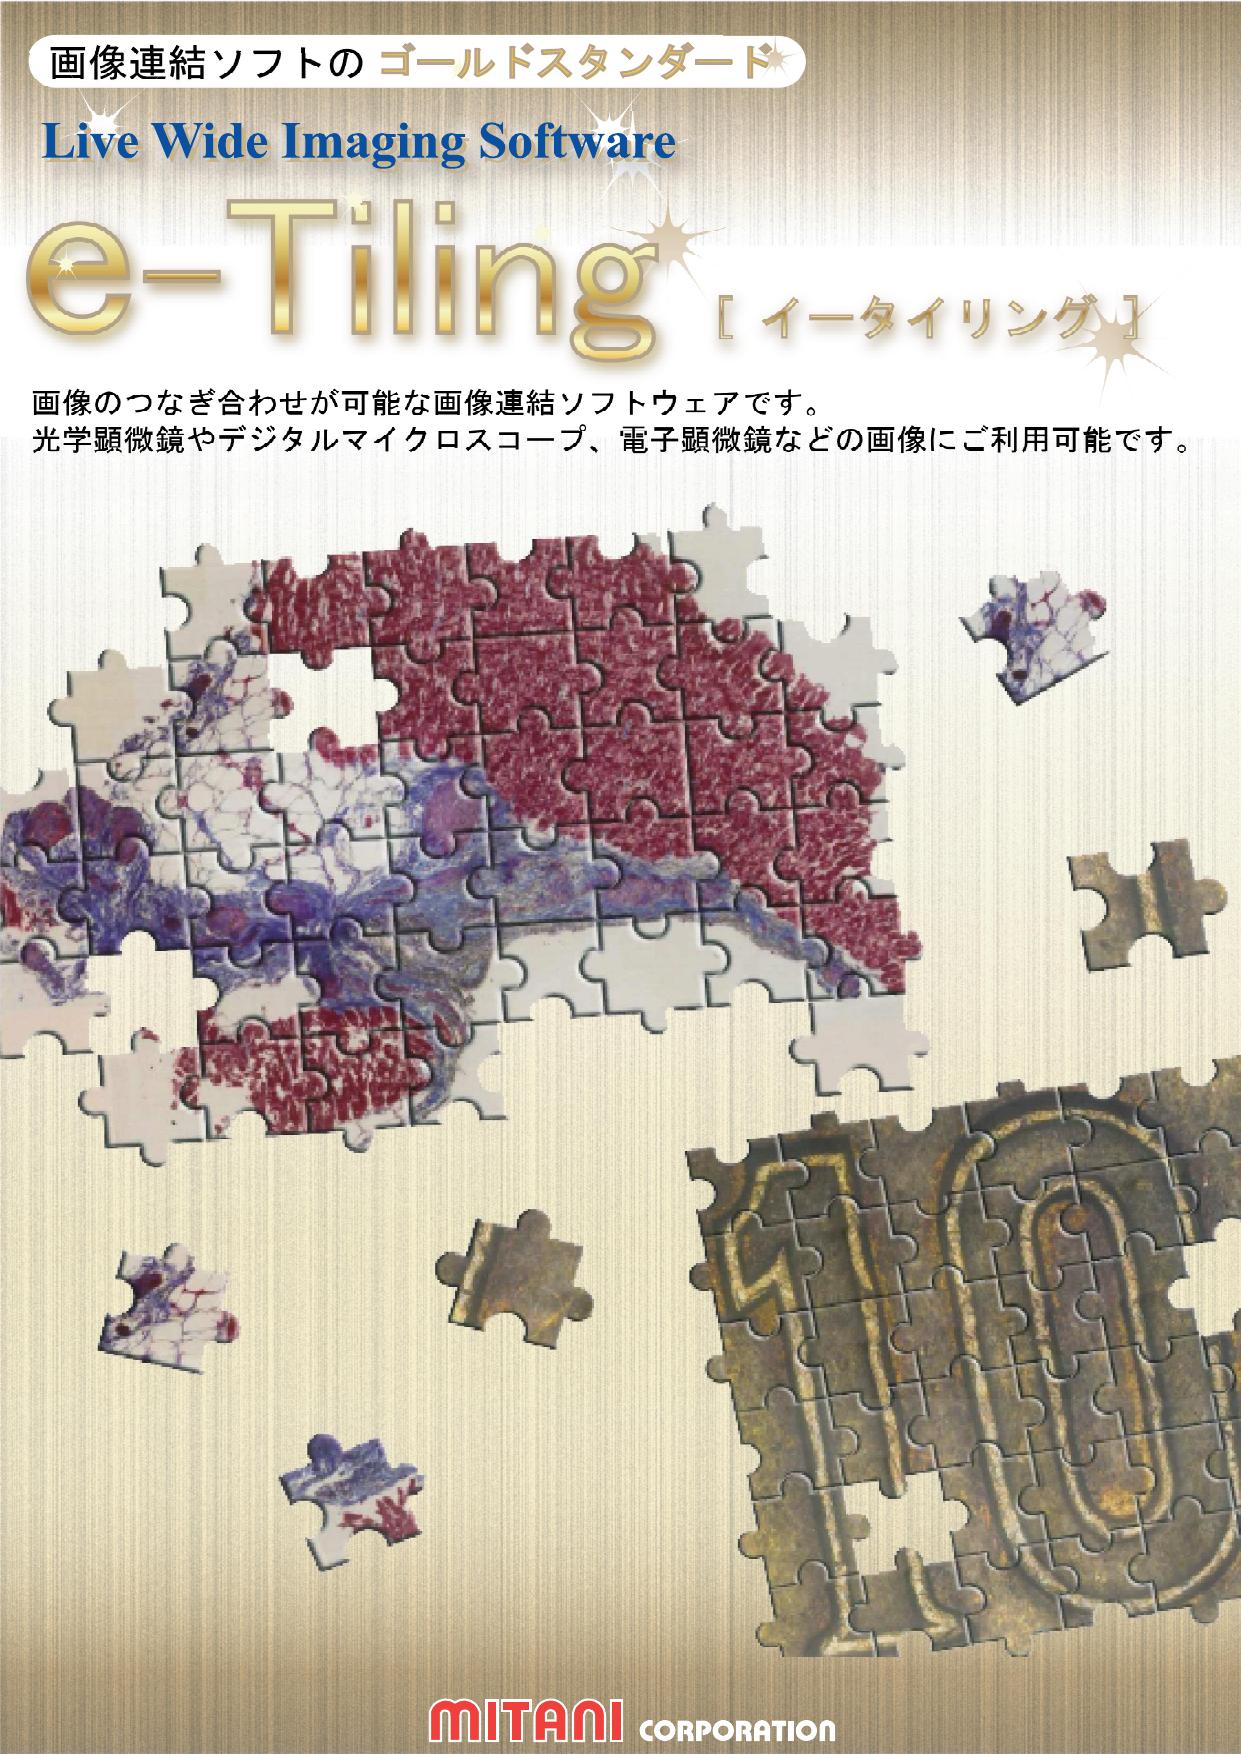 自動画像連結ソフトウェア e-Tiling